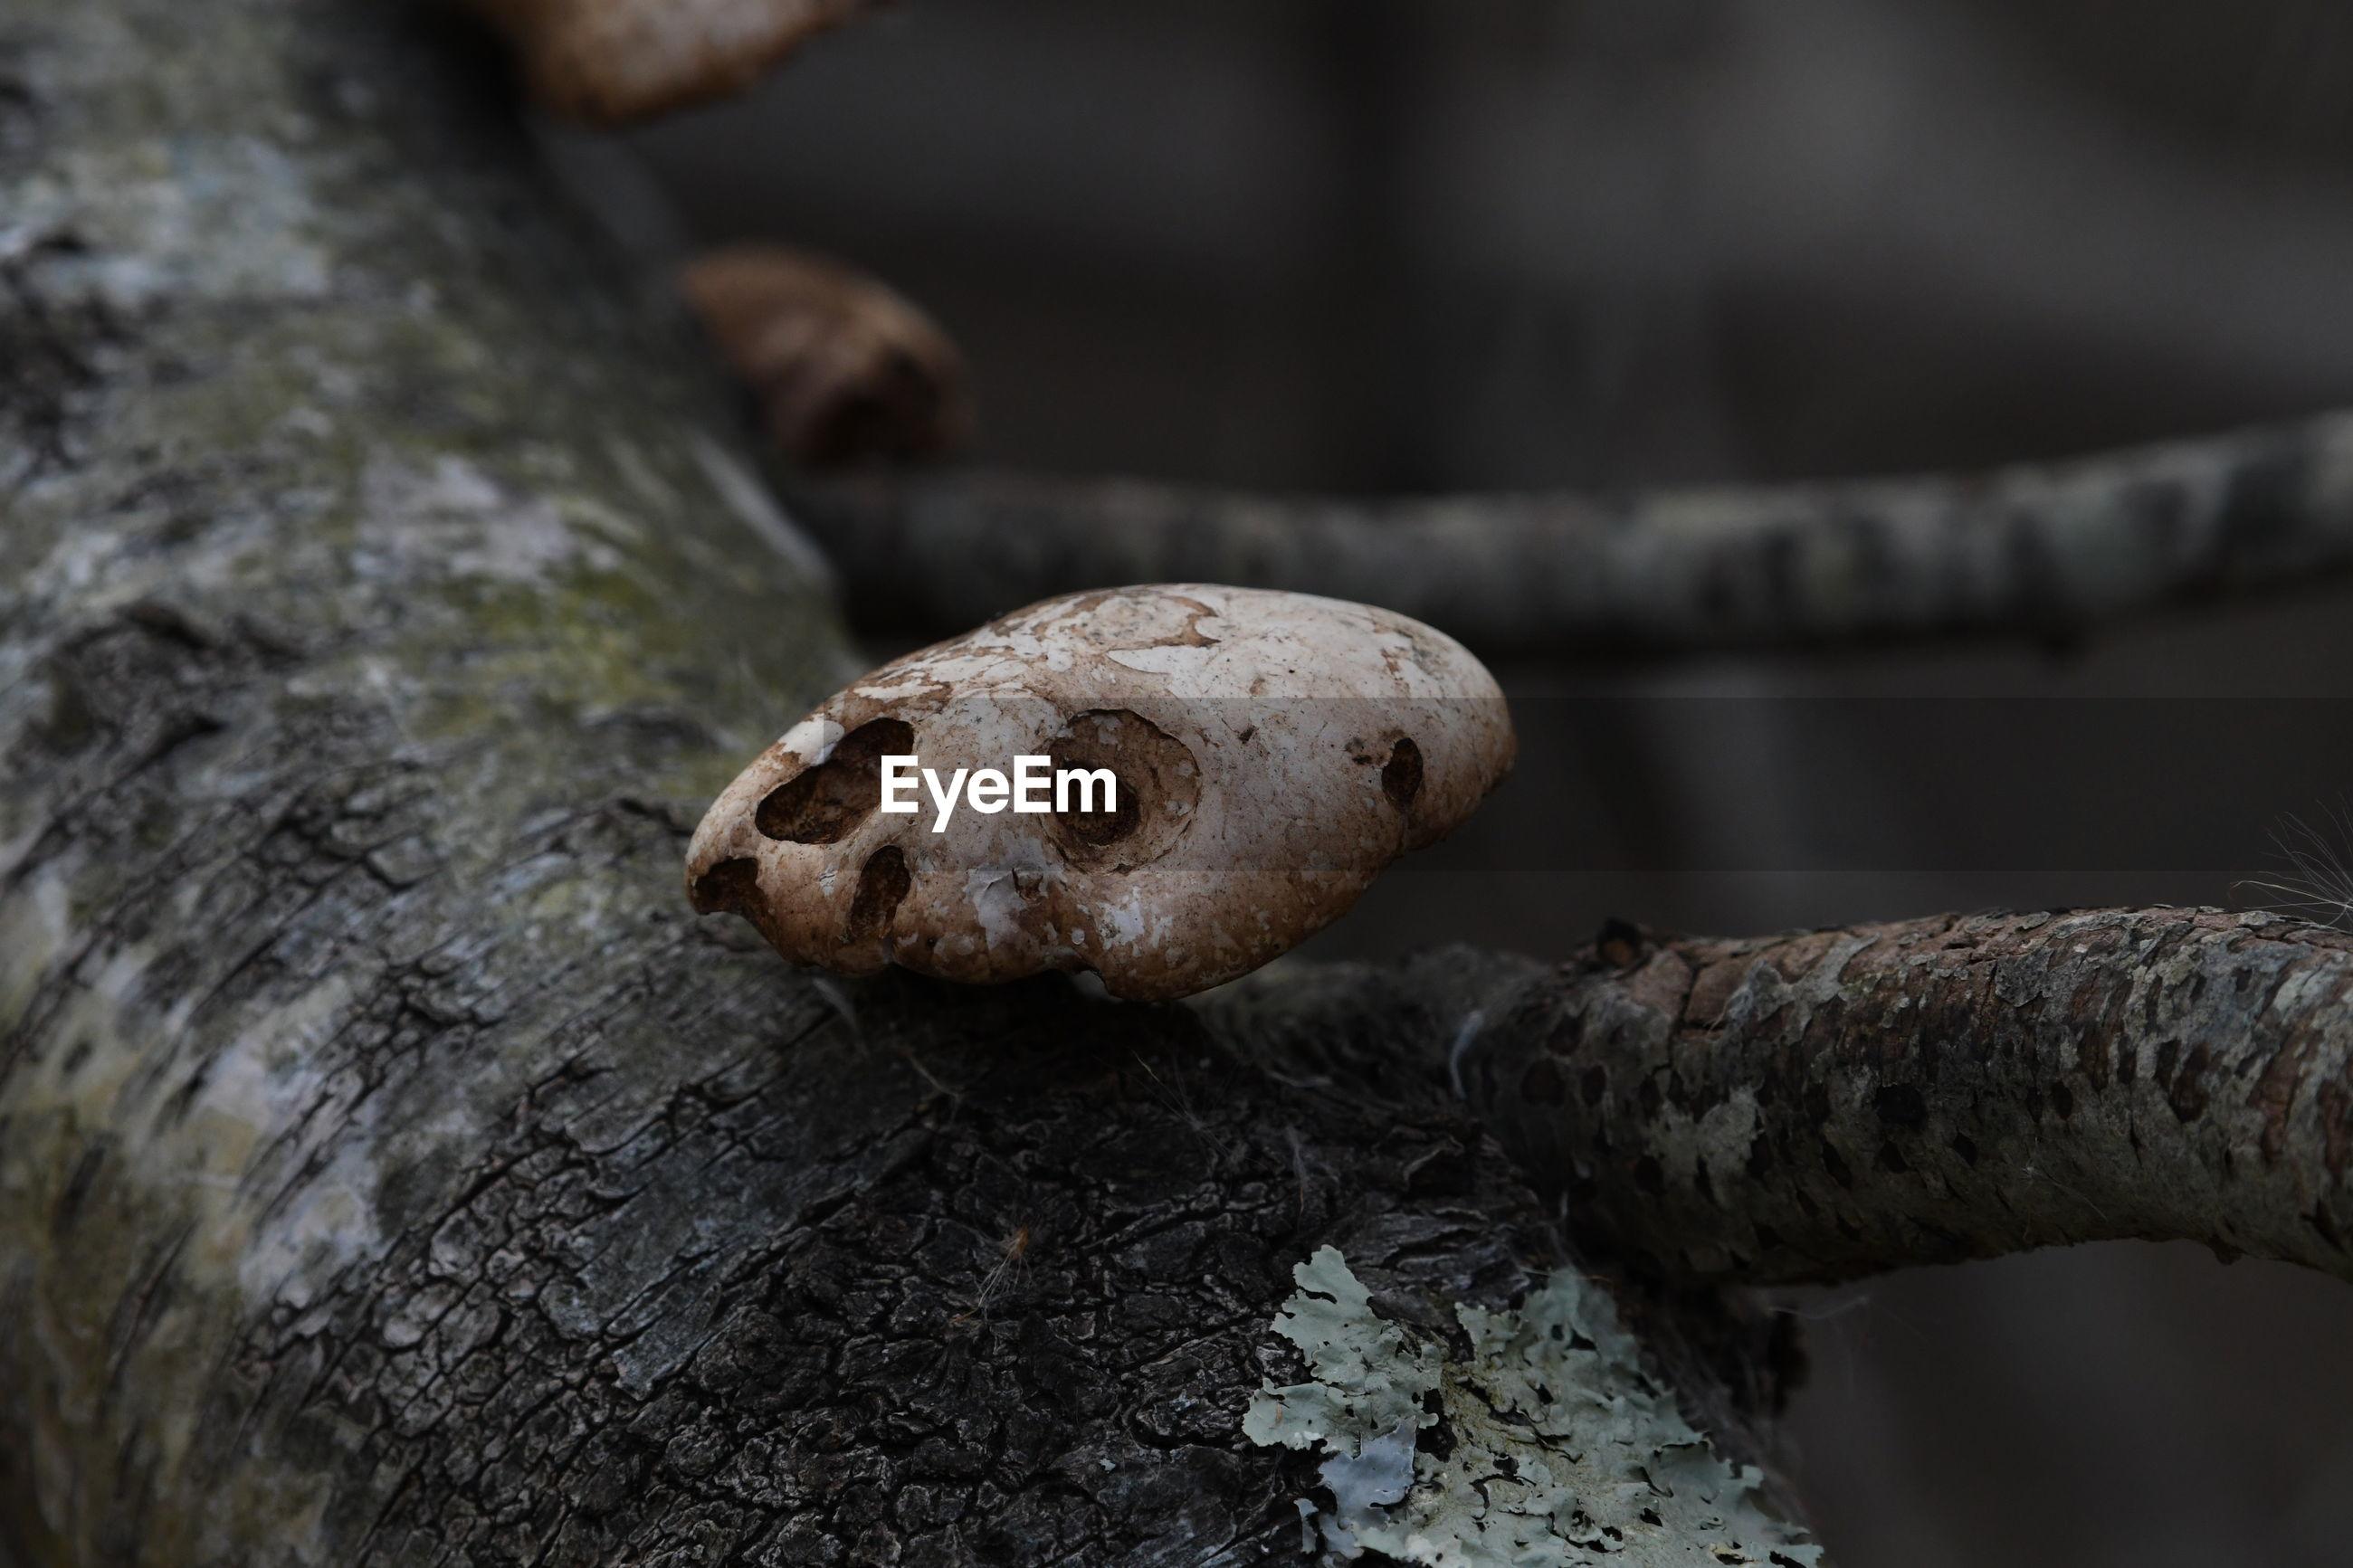 Close-up of mushroom on wood